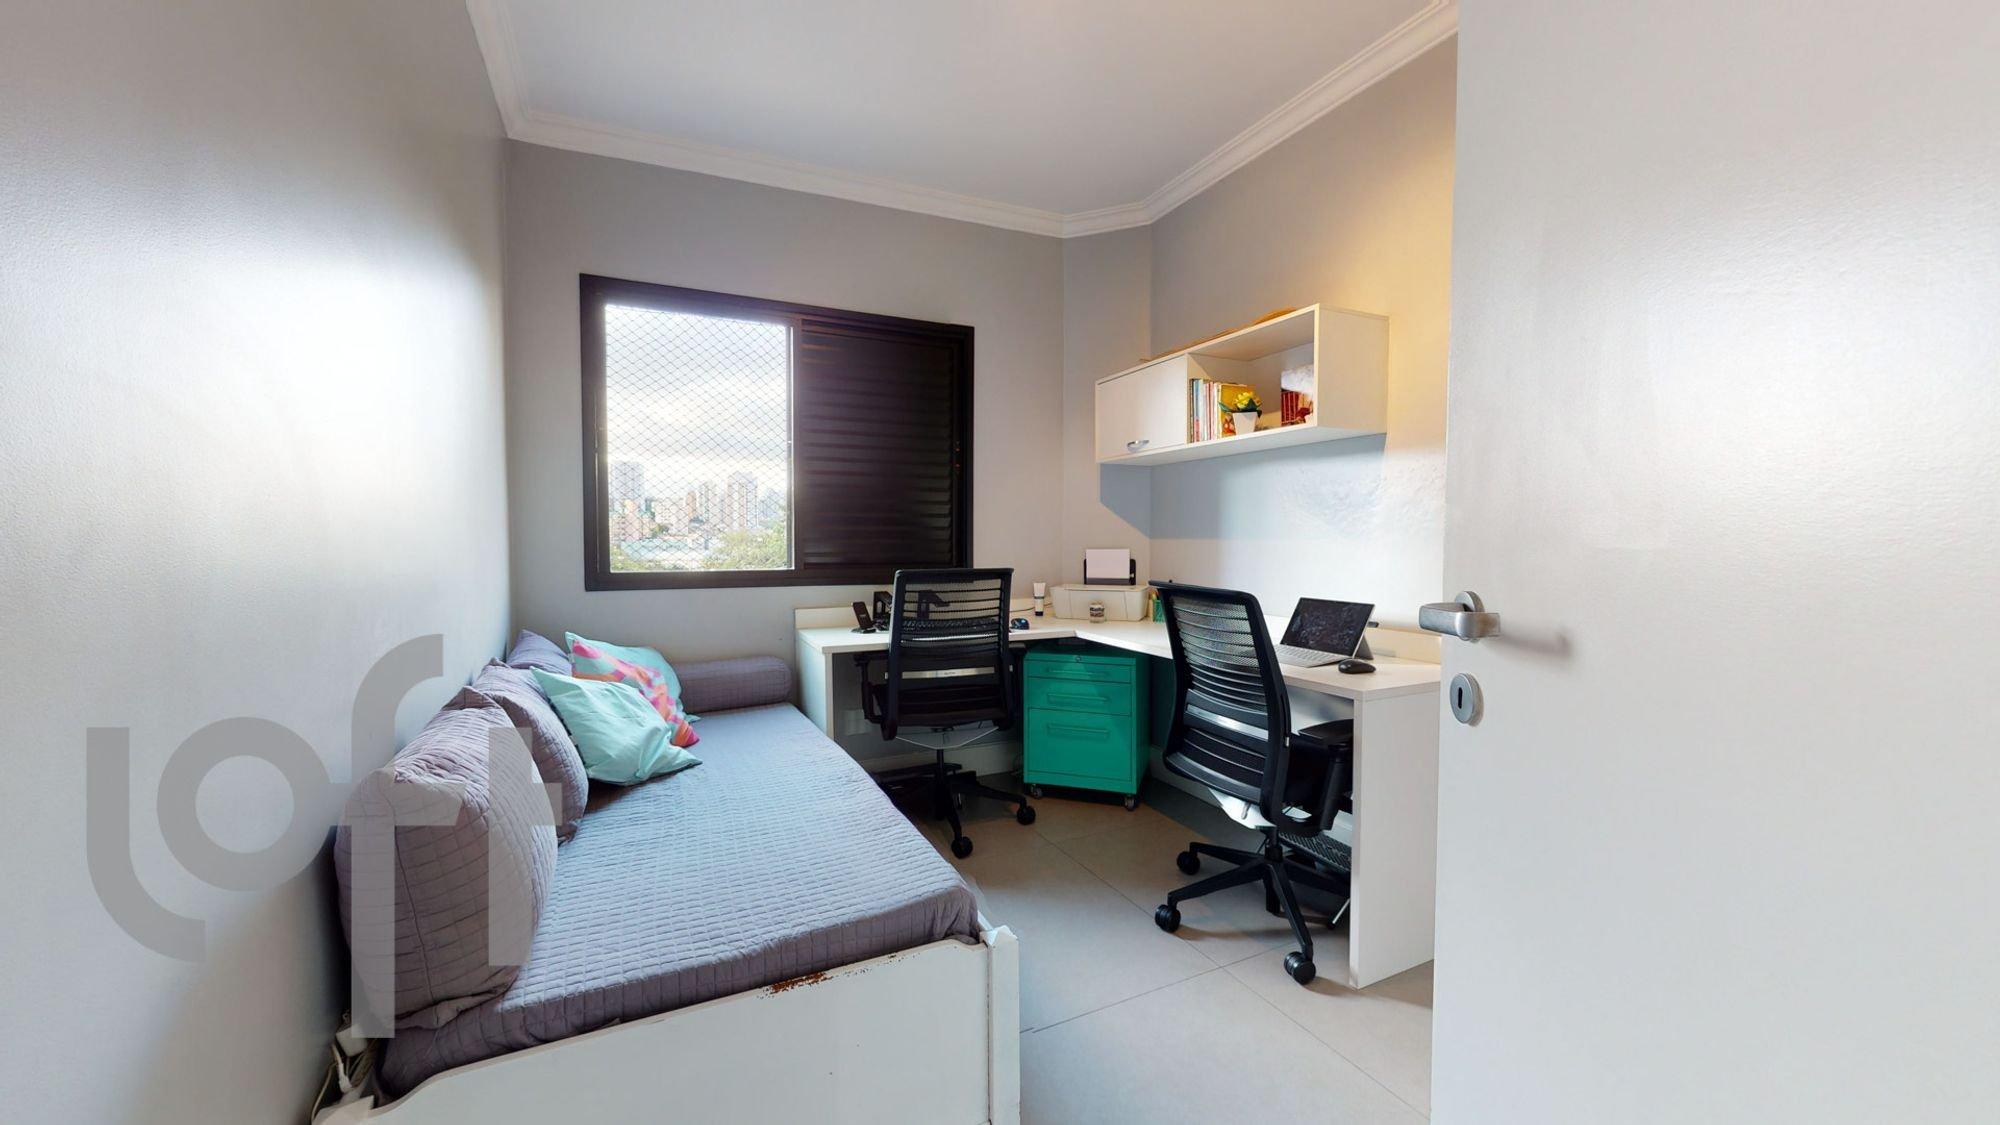 Foto de Quarto com cama, computador portátil, cadeira